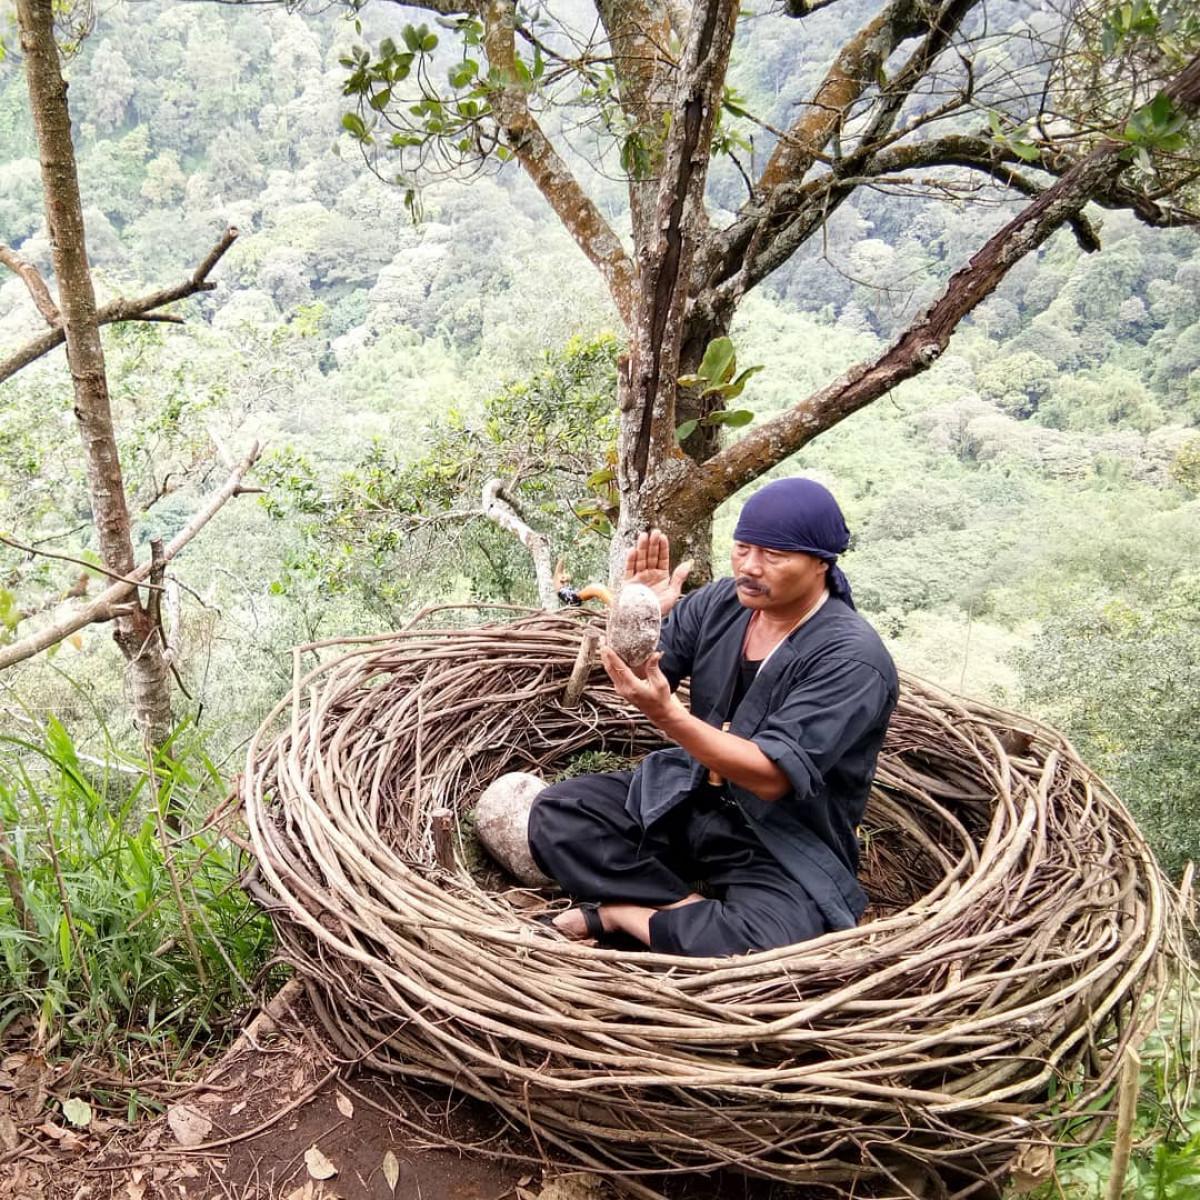 Kisah Pawang Hujan, Para Komunikator Alam dalam Tradisi Masyarakat Nusantara